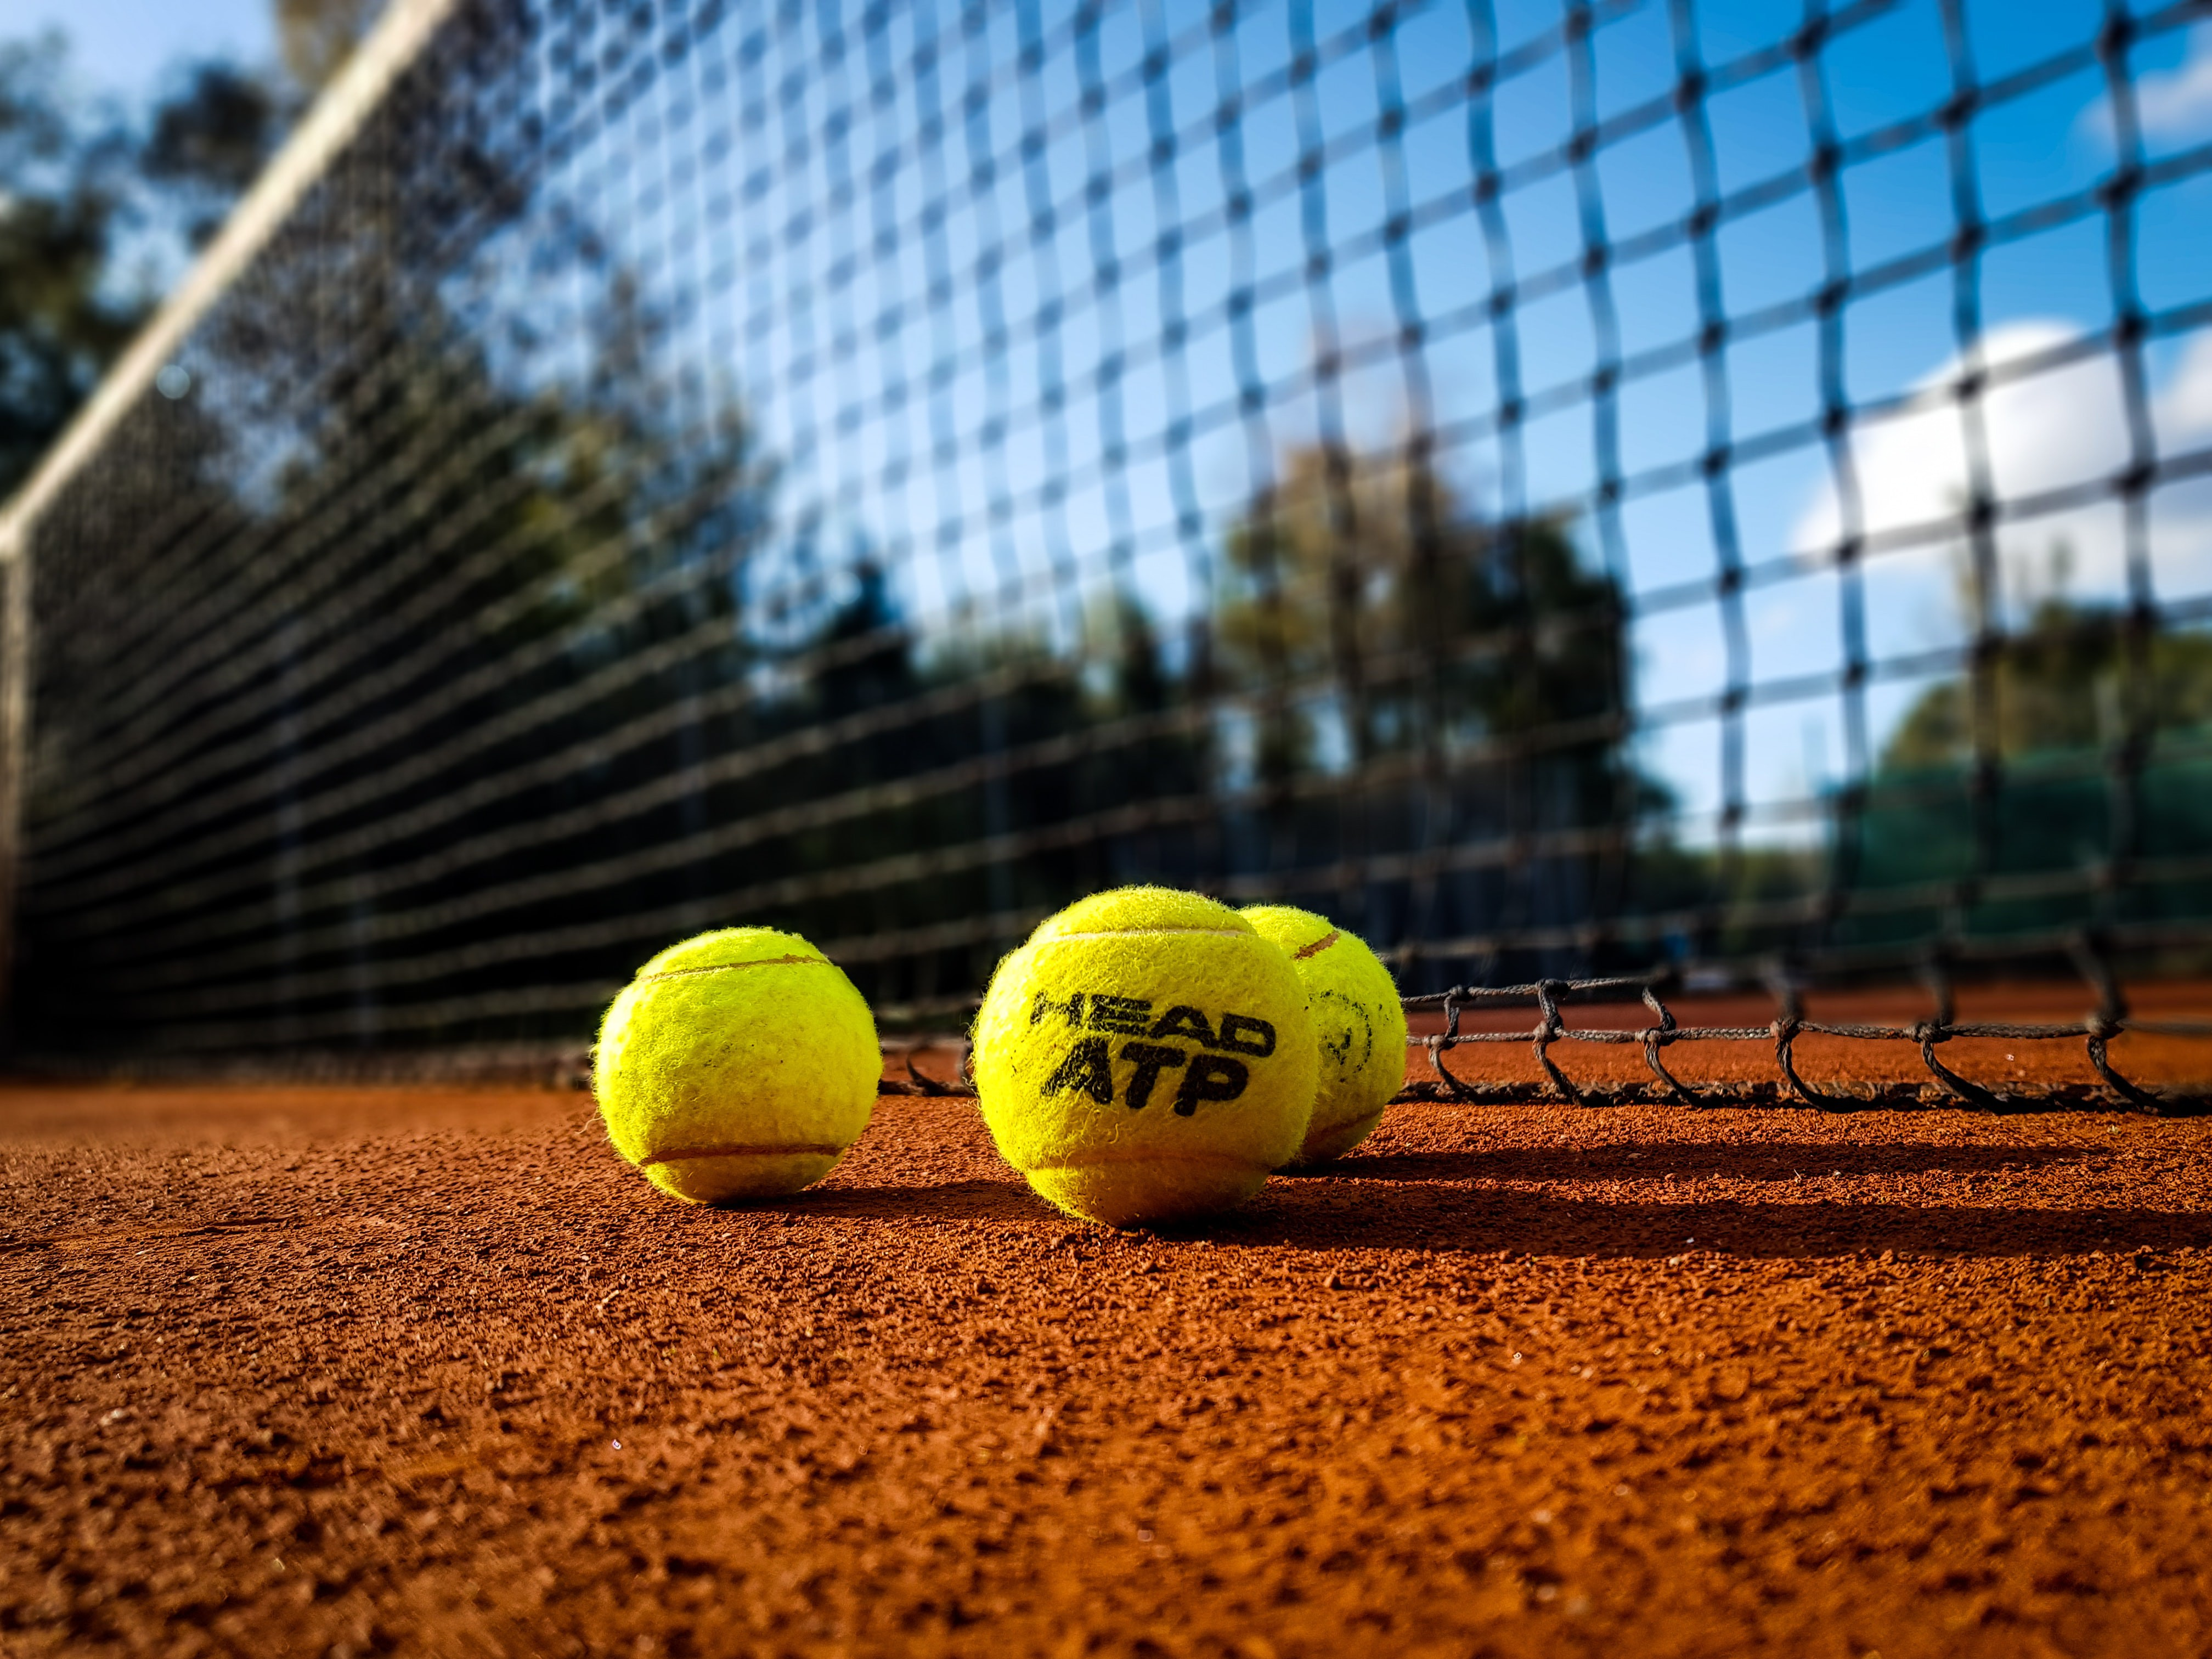 Storia del tennis: fin dal medioevo si giocava con palline e racchette |  Sport e Vai